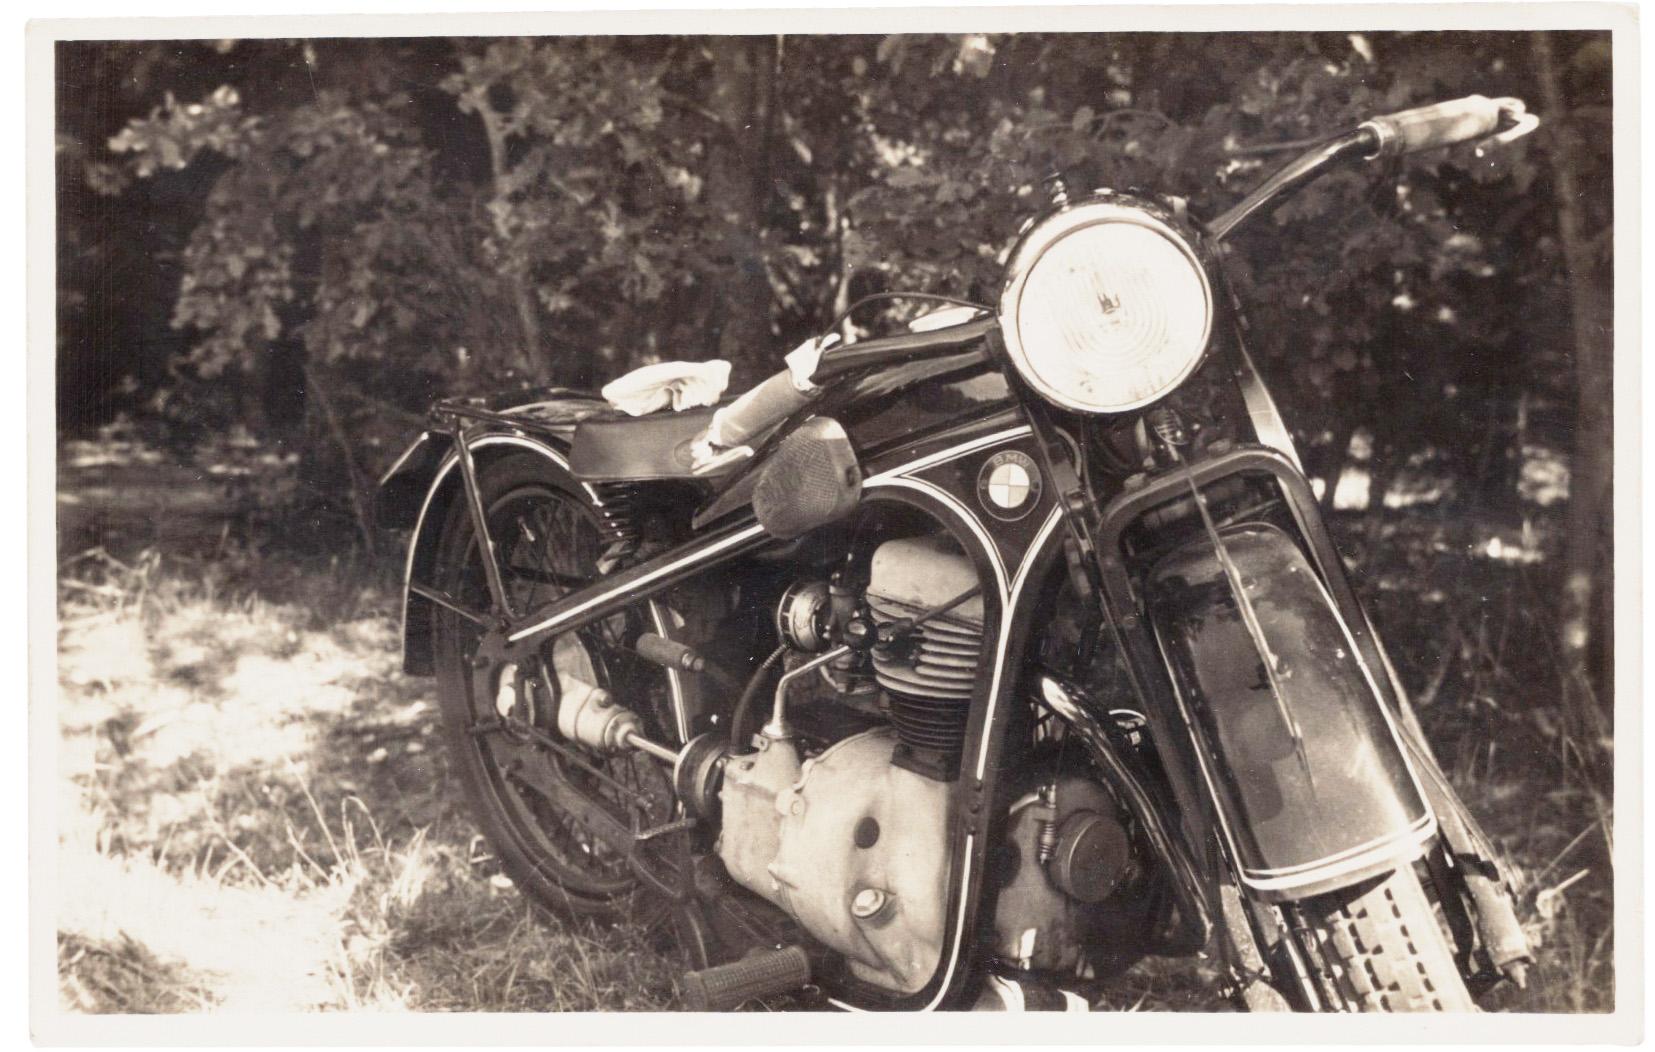 A motocicleta BMW (foto Gerhard Valentin, 1936).